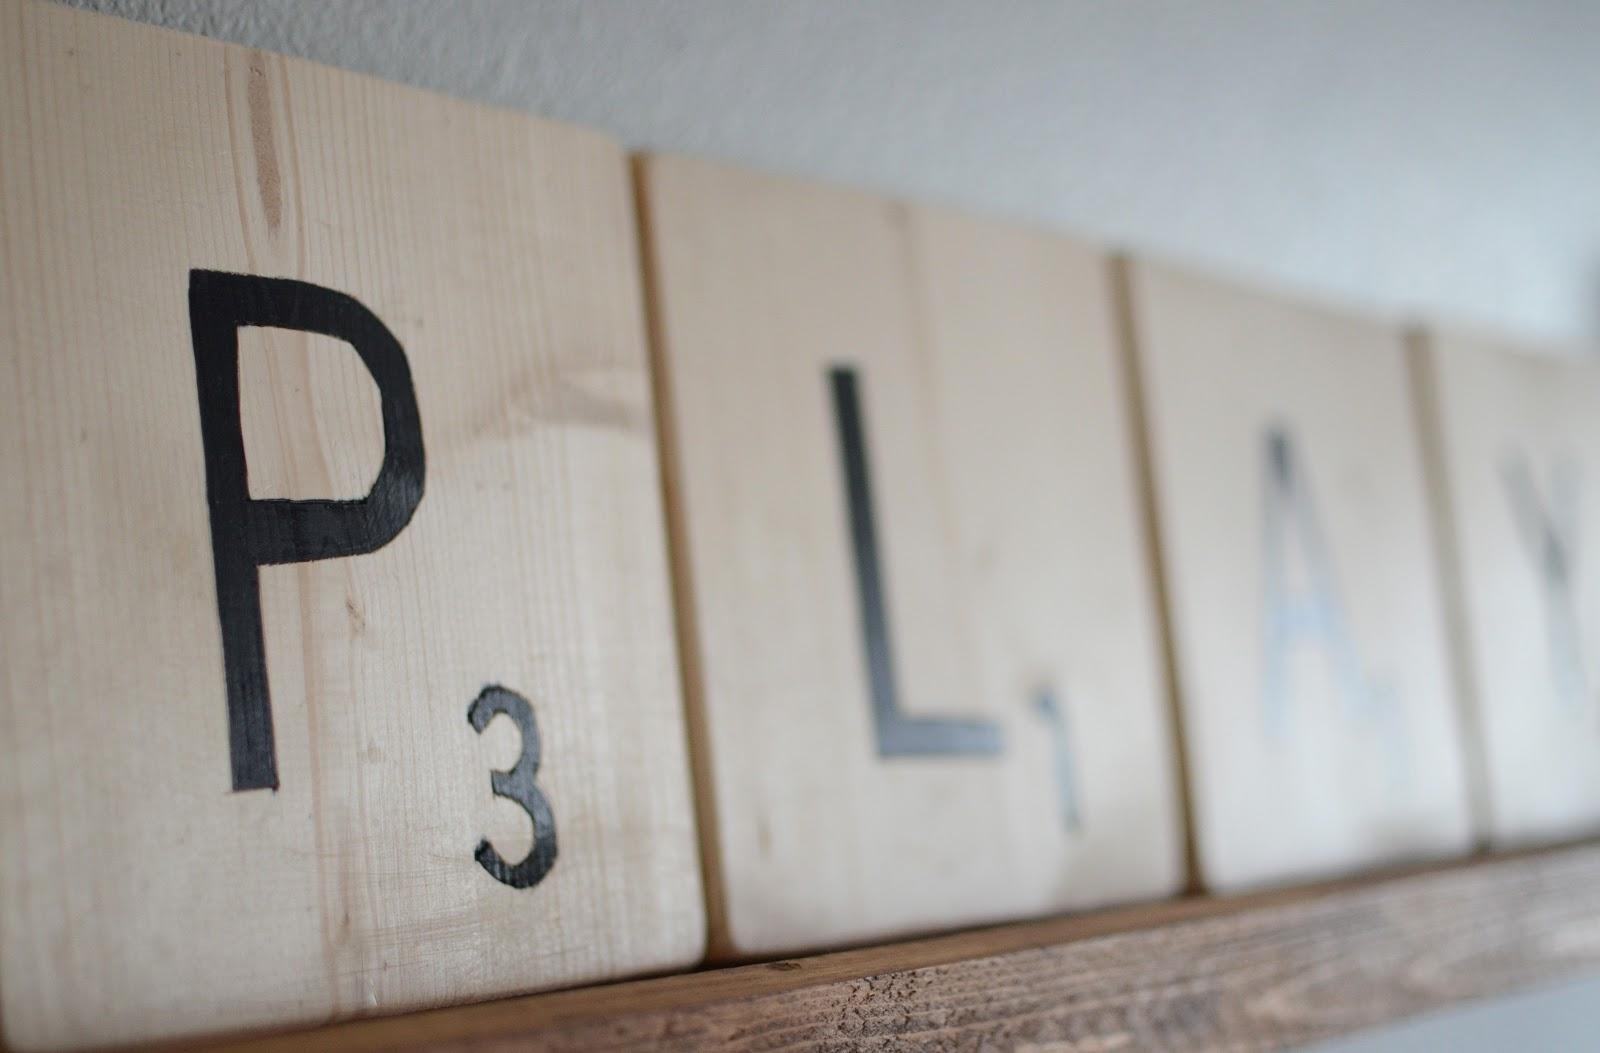 diy nordstrom inspired oversized scrabble letters